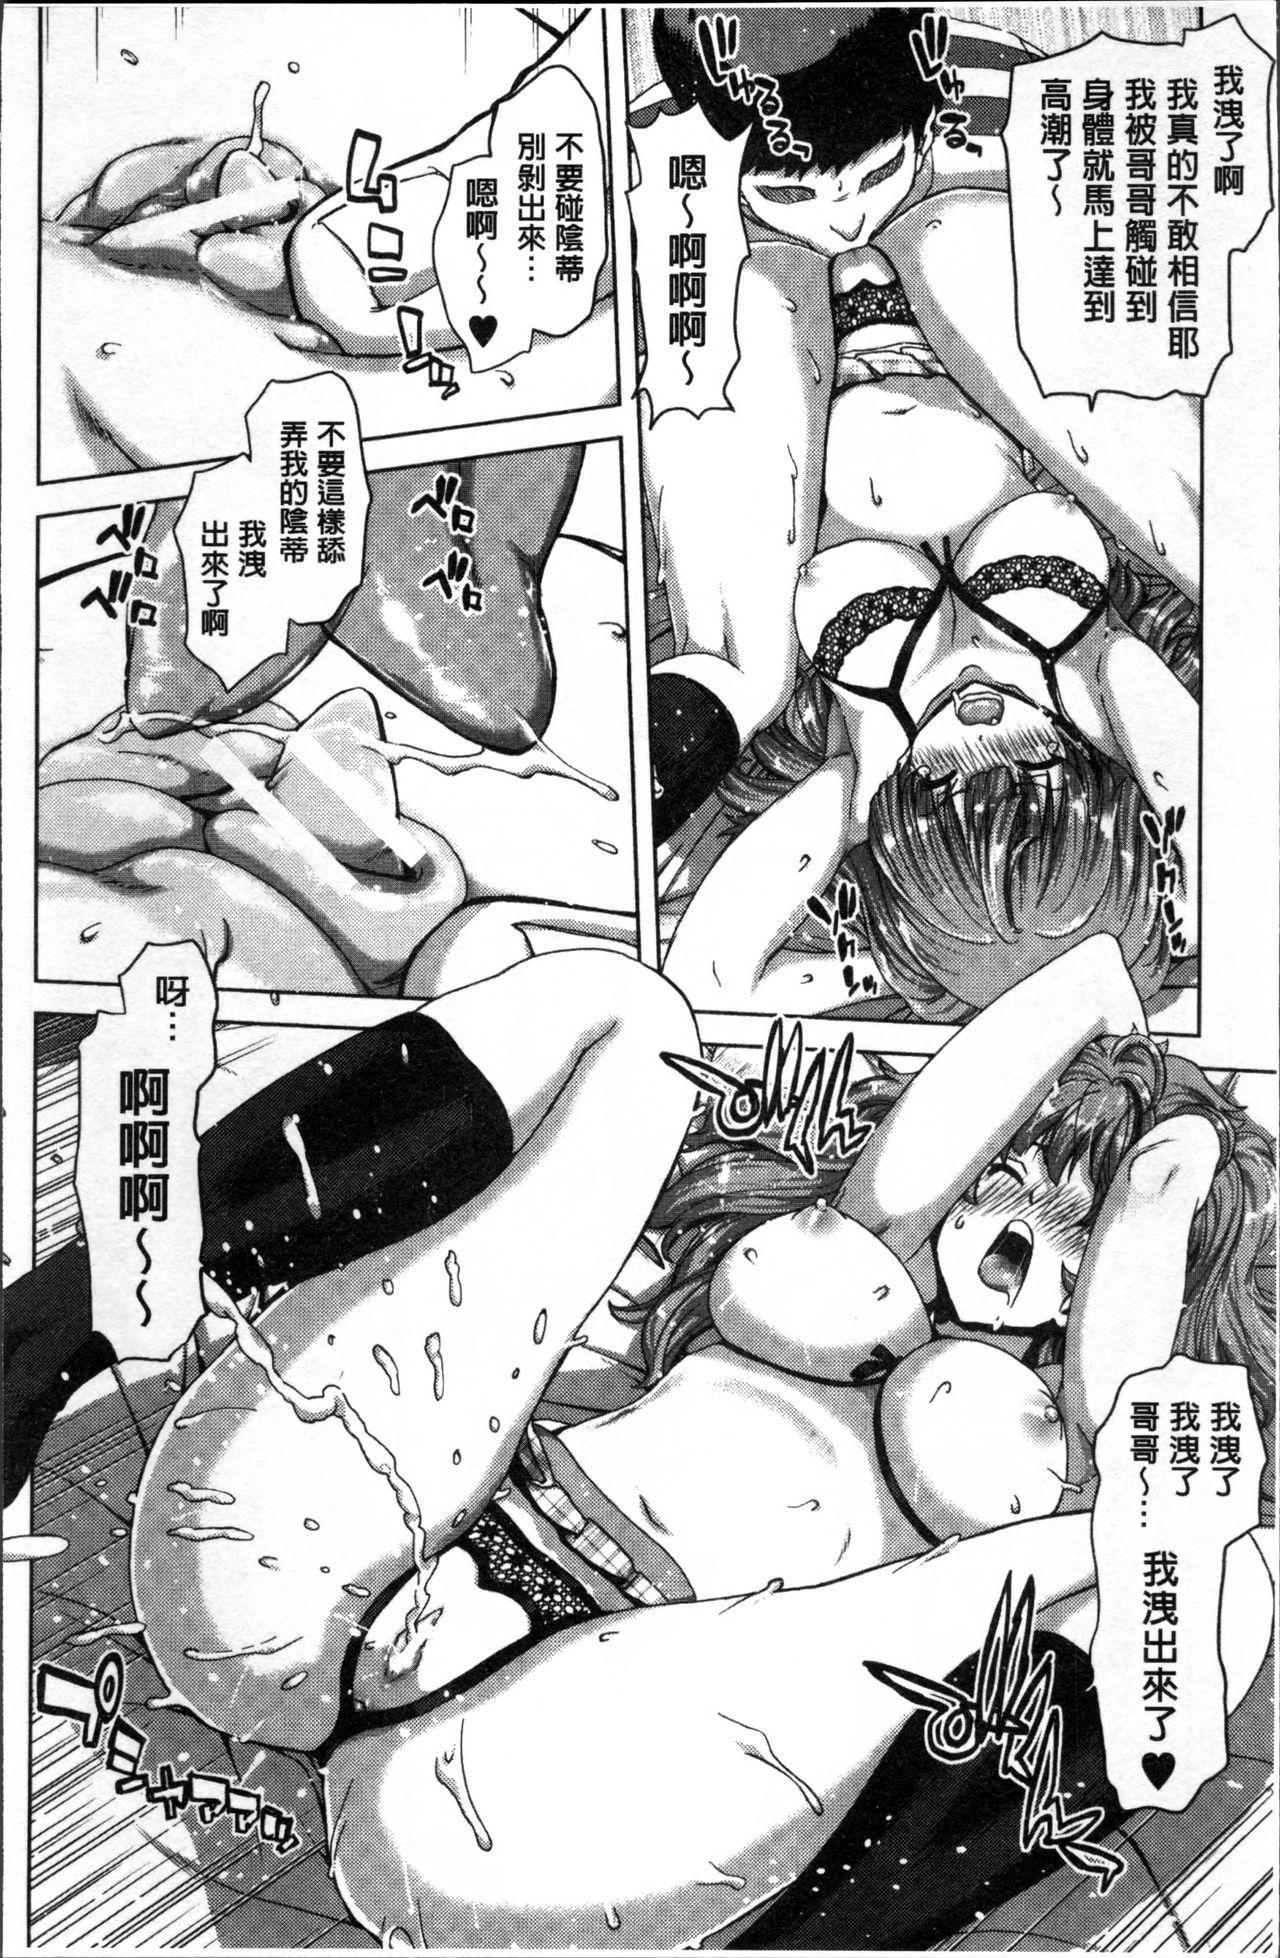 Imouto dakedo Oniichan, H Shiyo! H Shiyo! H Shiyou yo! 16